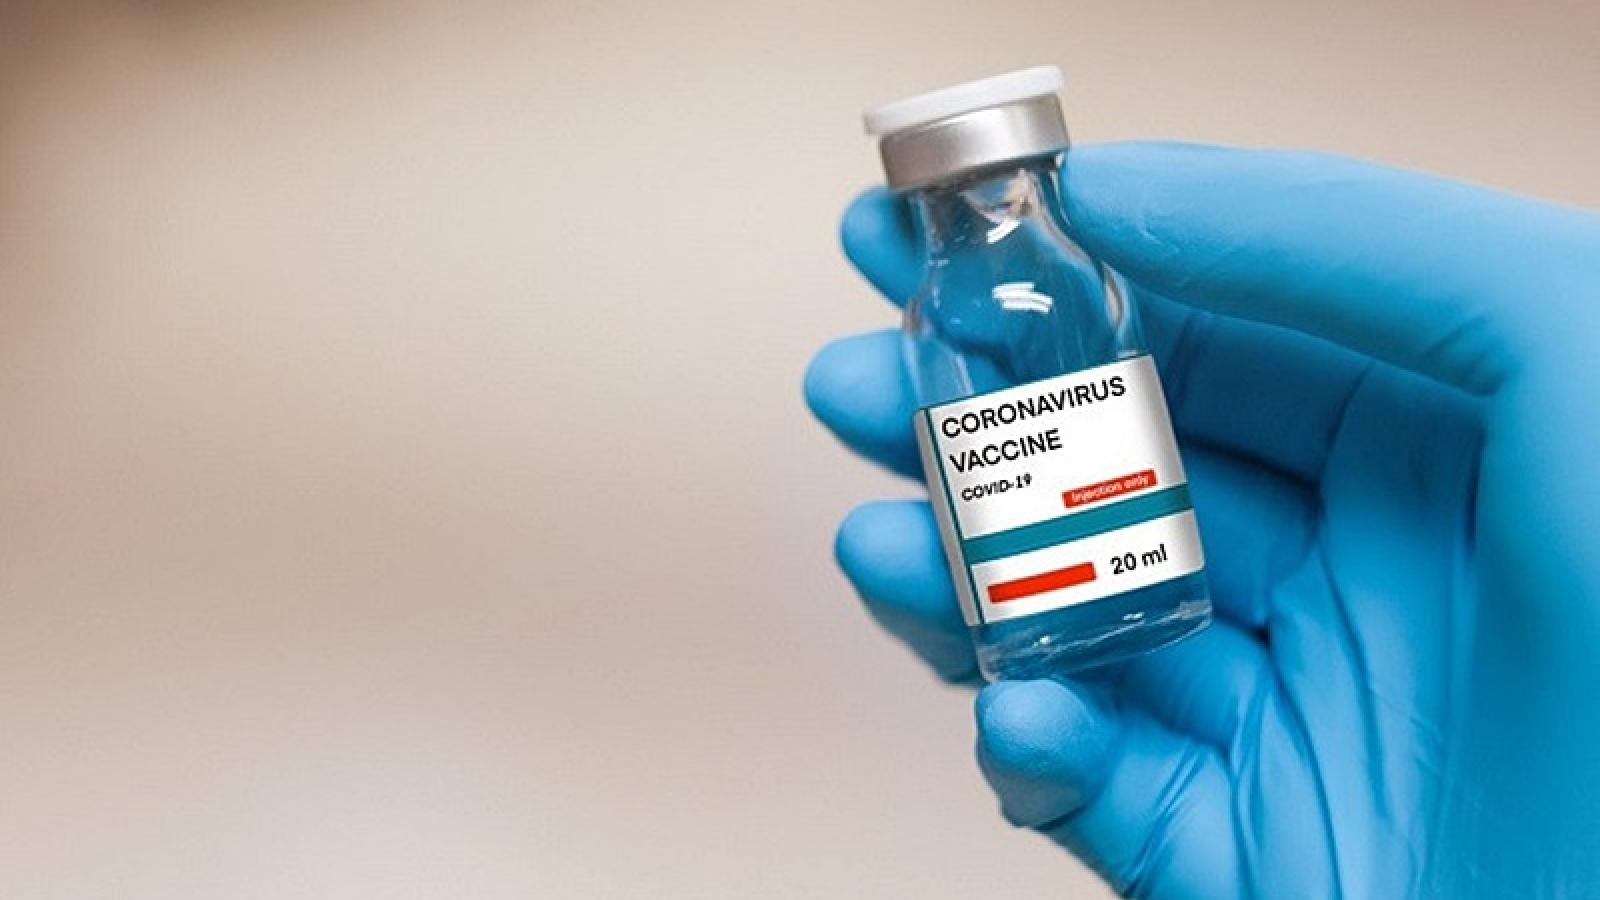 Vaccine Covid-19 hiện hành có thể bảo vệ con người trước biến thể virus ở Anh